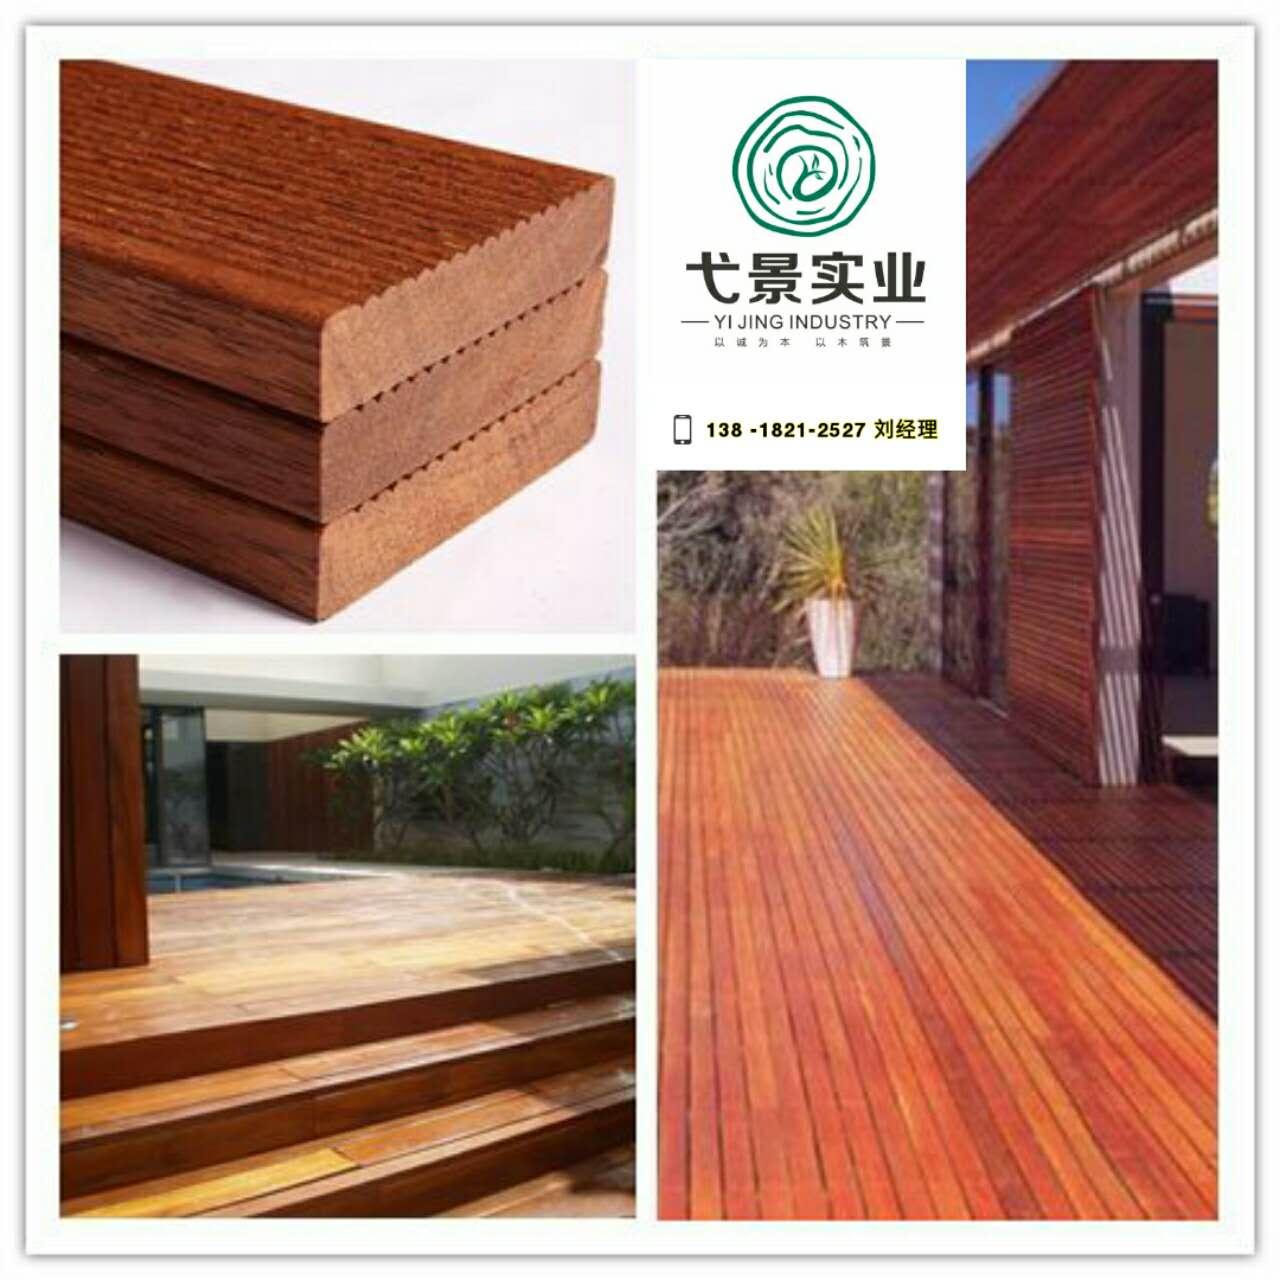 上海弋景实业==贾拉木 在澳大利亚,赤桉的种植数超过其它任何一种商业木材,它比红桉(Karri)更适合海上的建筑项目,但其重量、强度却比不上红桉。心材材色:浅红、红褐色气干密度:(g/cm2)0.9-1.09 。 上海弋景实业=贾拉木材特征: 耐腐蚀性强,对白蚁等害虫的抗病能力强,加工制作容易,无须防腐剂 木材表面易出树胶(黑线) 上海弋景实业=贾拉木用途:地板,木桥,栈桥,建材,高级家具,阳台、私家花园、游泳池、酒吧、会所、园林景观、小桥、园林花架、木栅栏、售楼处、墙面装饰板等。 供应贾拉木板材,货源充